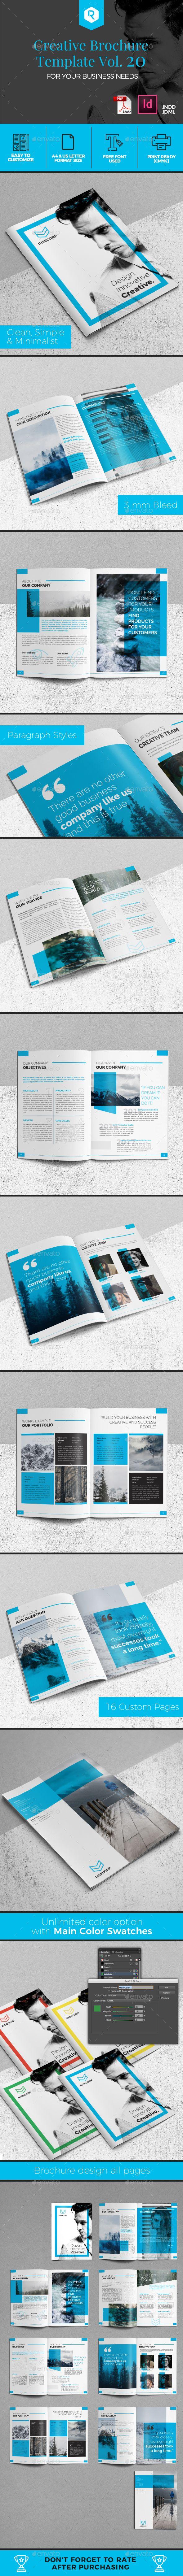 Creative Brochure Template Vol. 20 - #Corporate #Brochures Download here: https://graphicriver.net/item/creative-brochure-template-vol-20/20089810?ref=alena994